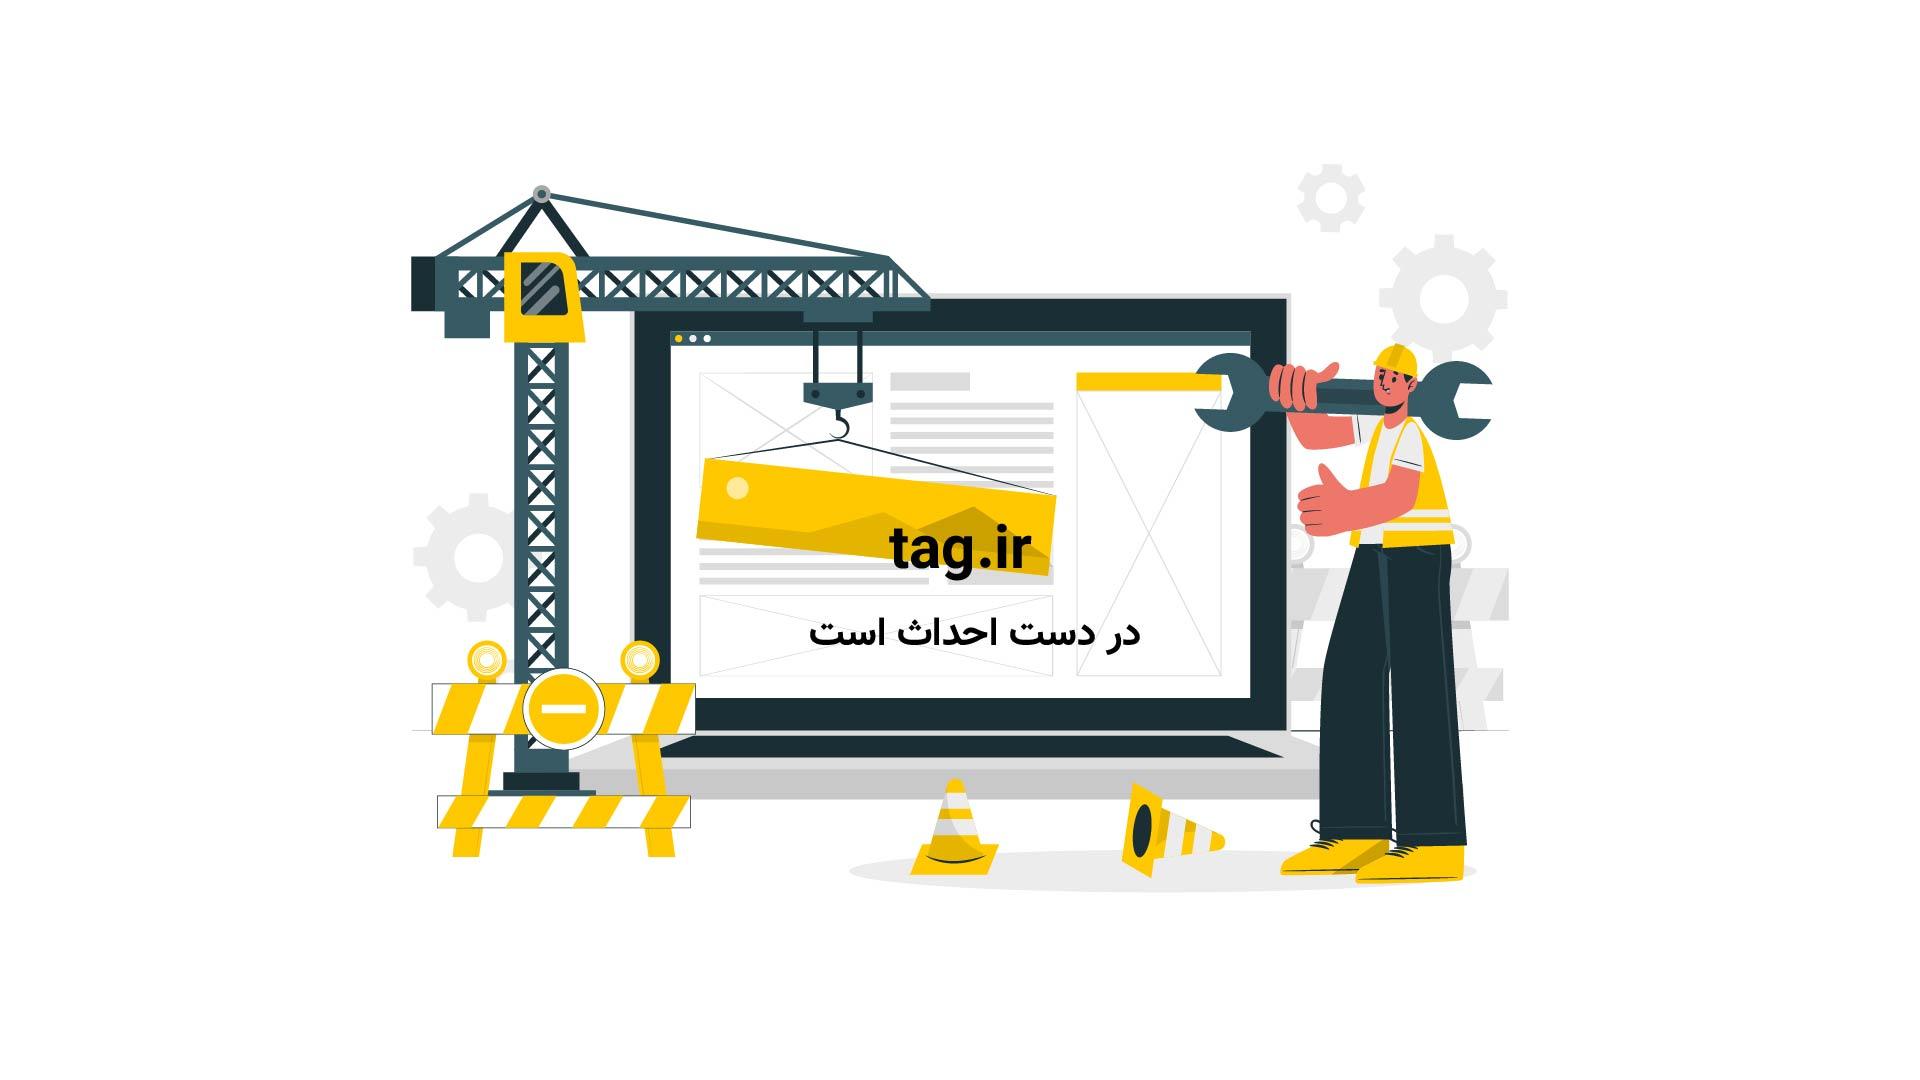 عناوین روزنامههای صبح سهشنبه 3 مرداد | فیلم